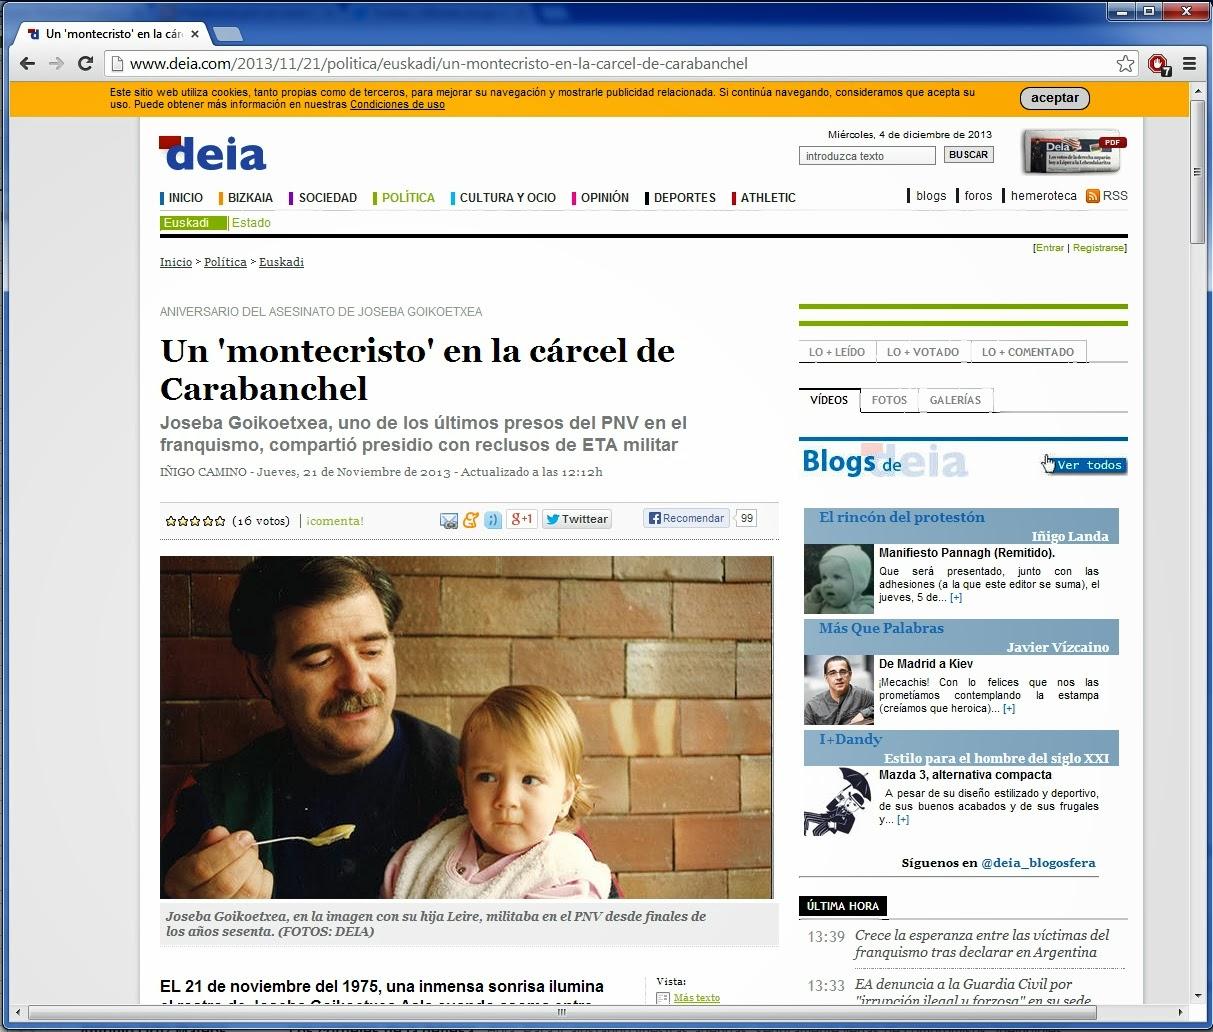 """21/11/2013: Un """"Montecristo"""" en la cárcel de Carabanchel"""